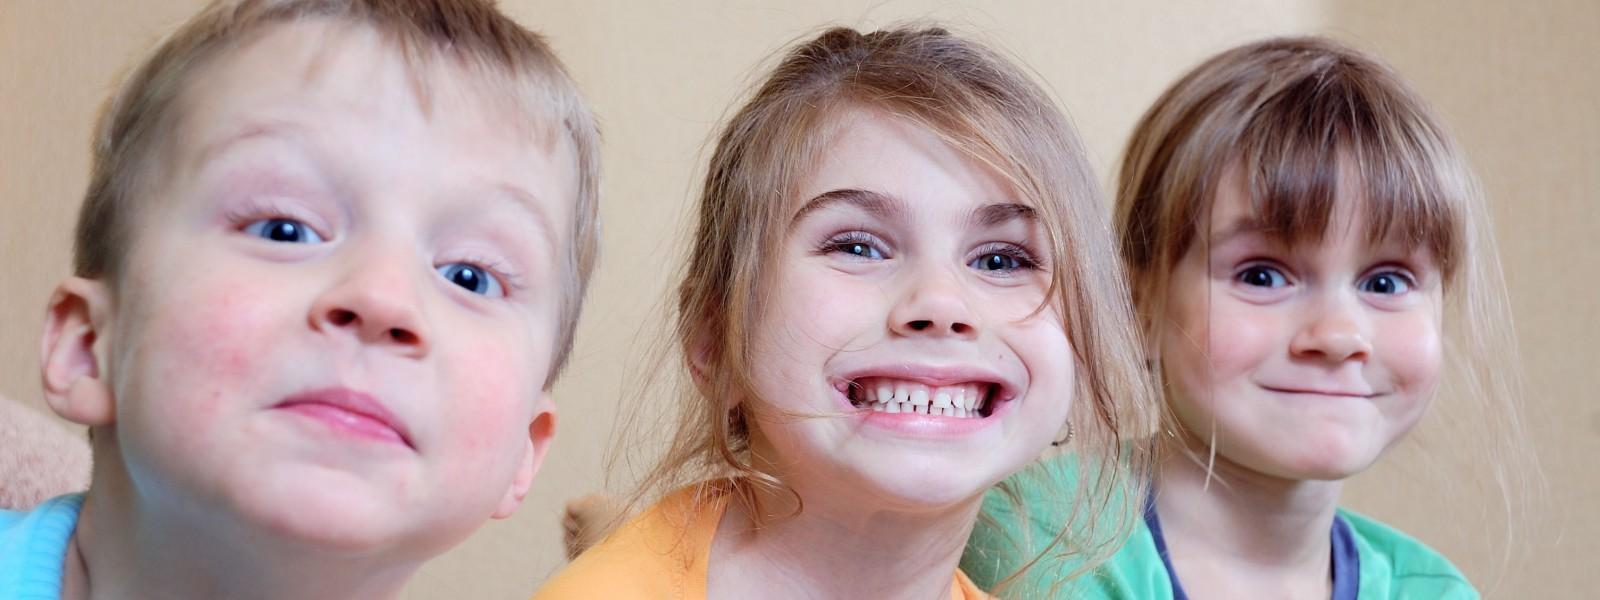 6 vuotiaan lapsen kehitys